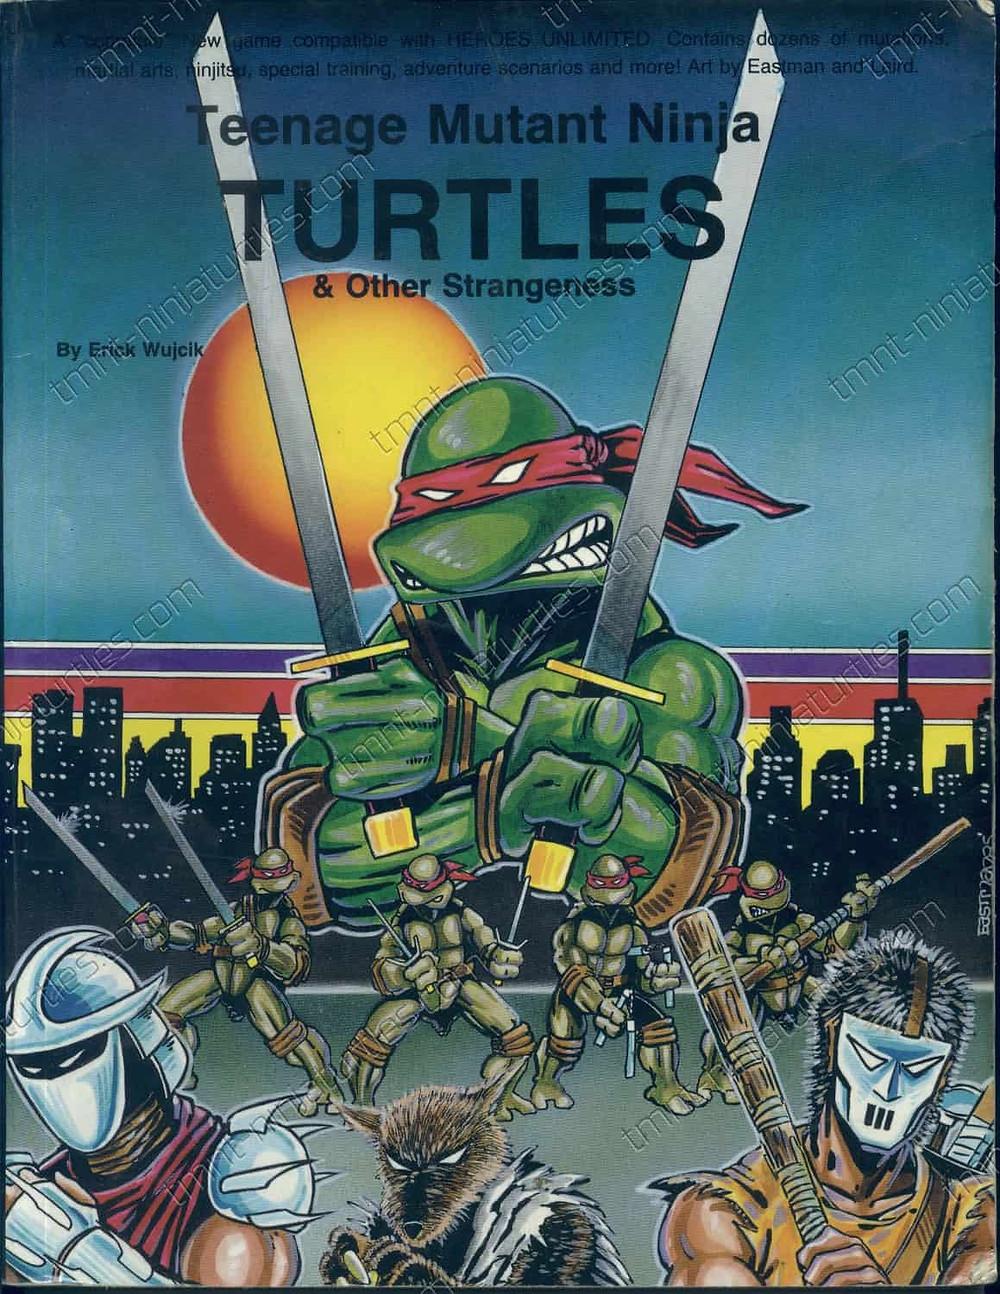 Teenage mutant Ninja Turtles RPG available at Palladium